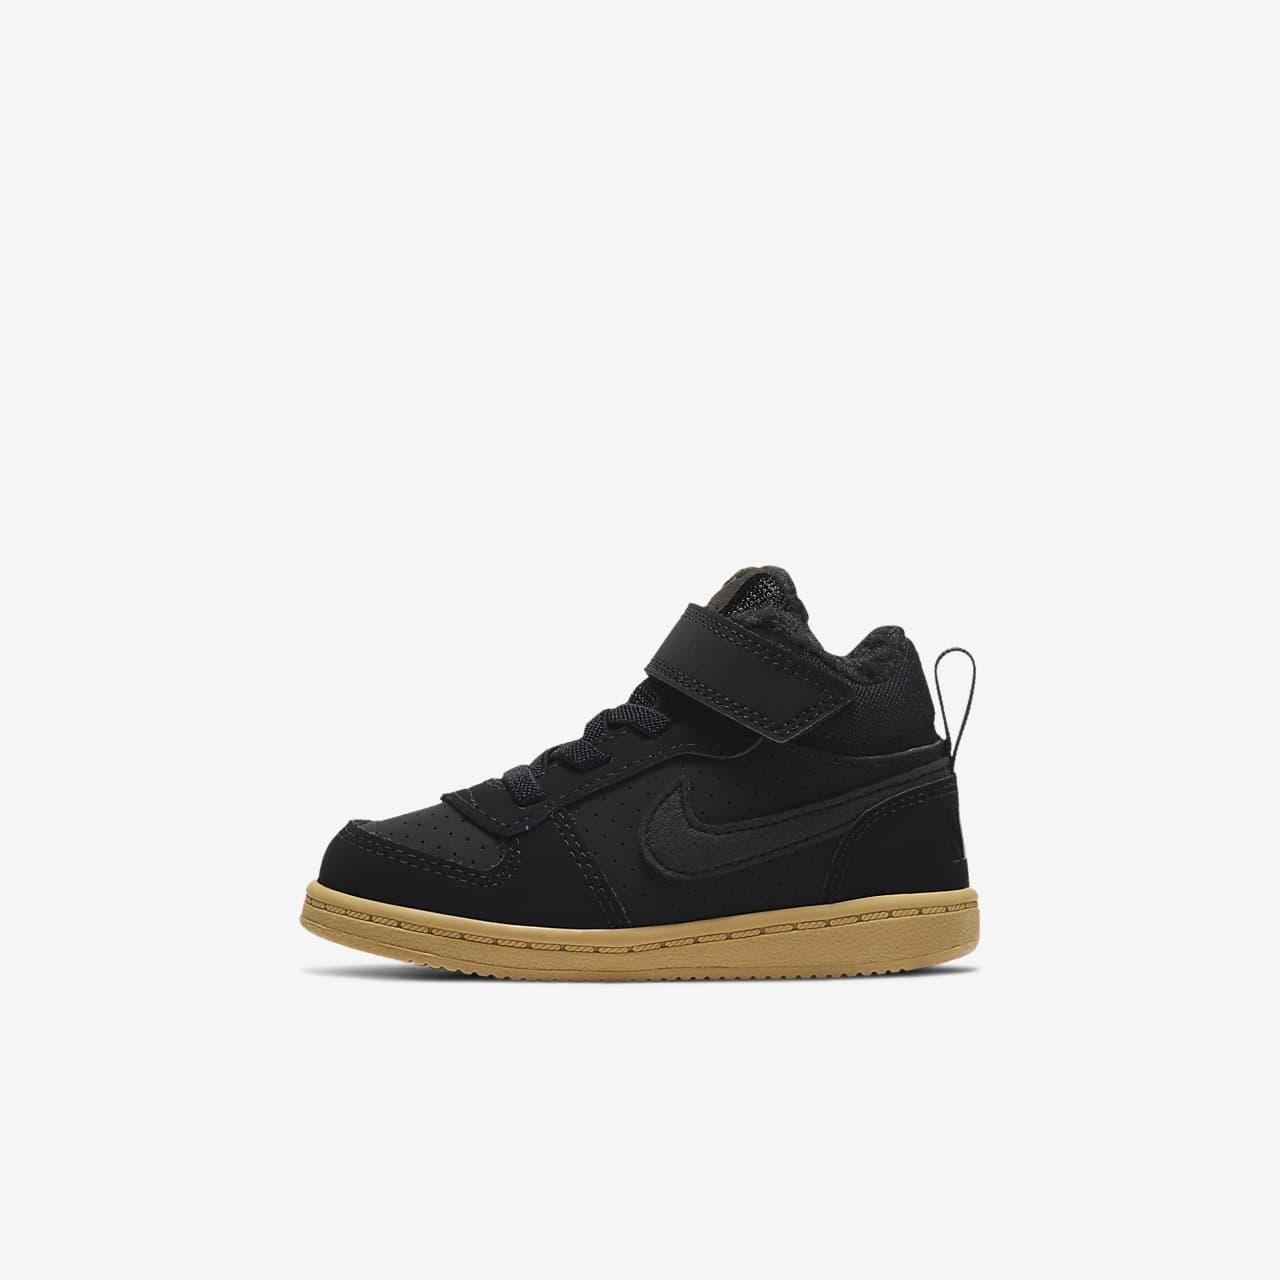 d4c1fdb8113a19 Nike Court Borough Mid Winterschuh für Babys und Kleinkinder. Nike ...